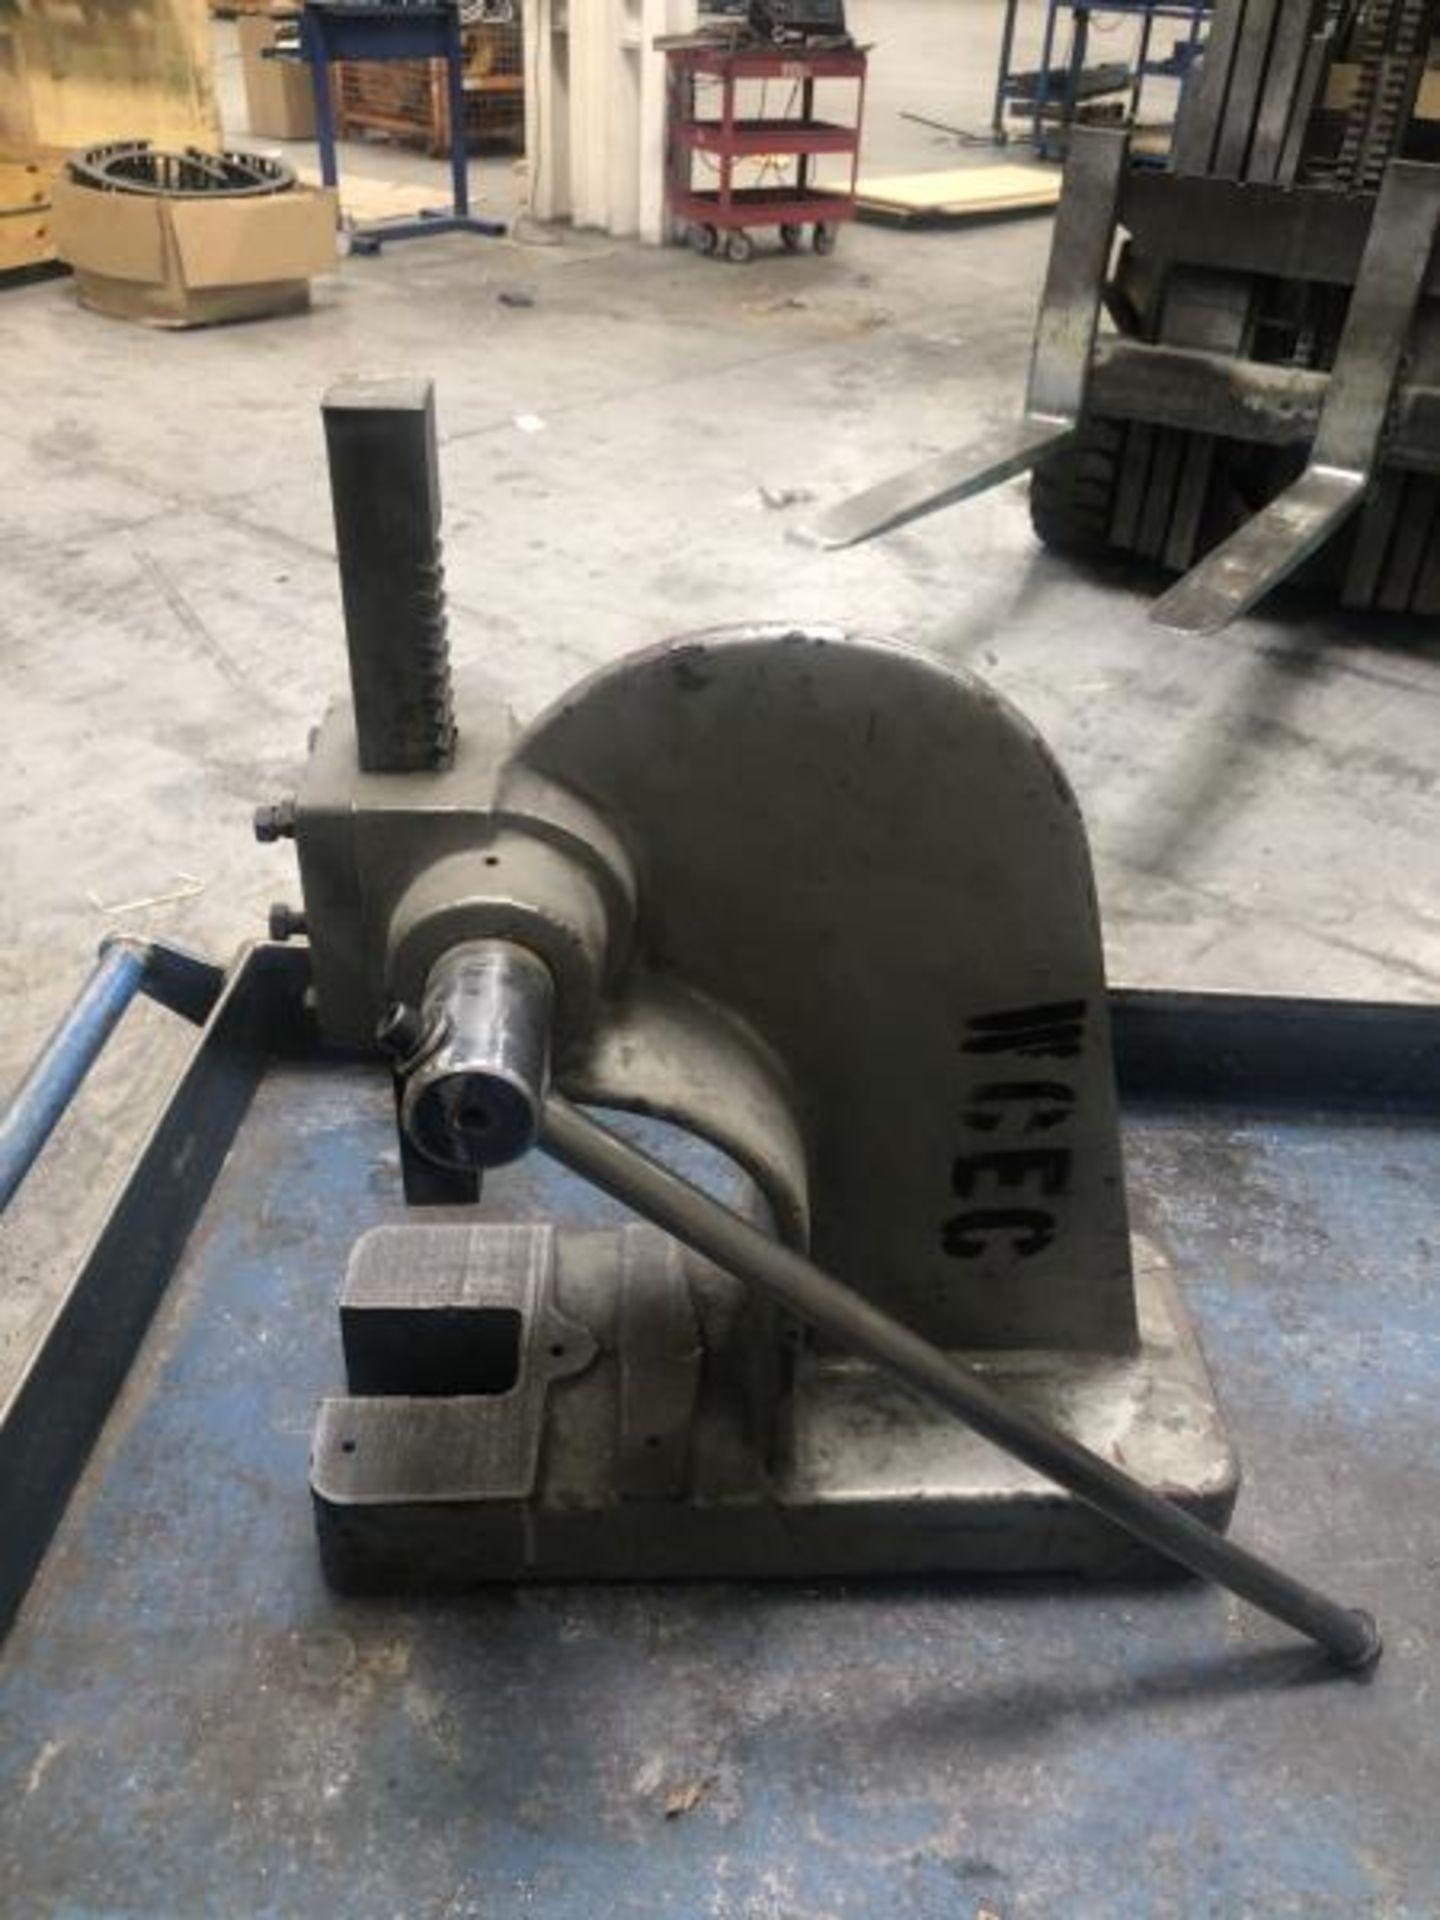 Manual arbor press - Image 3 of 3